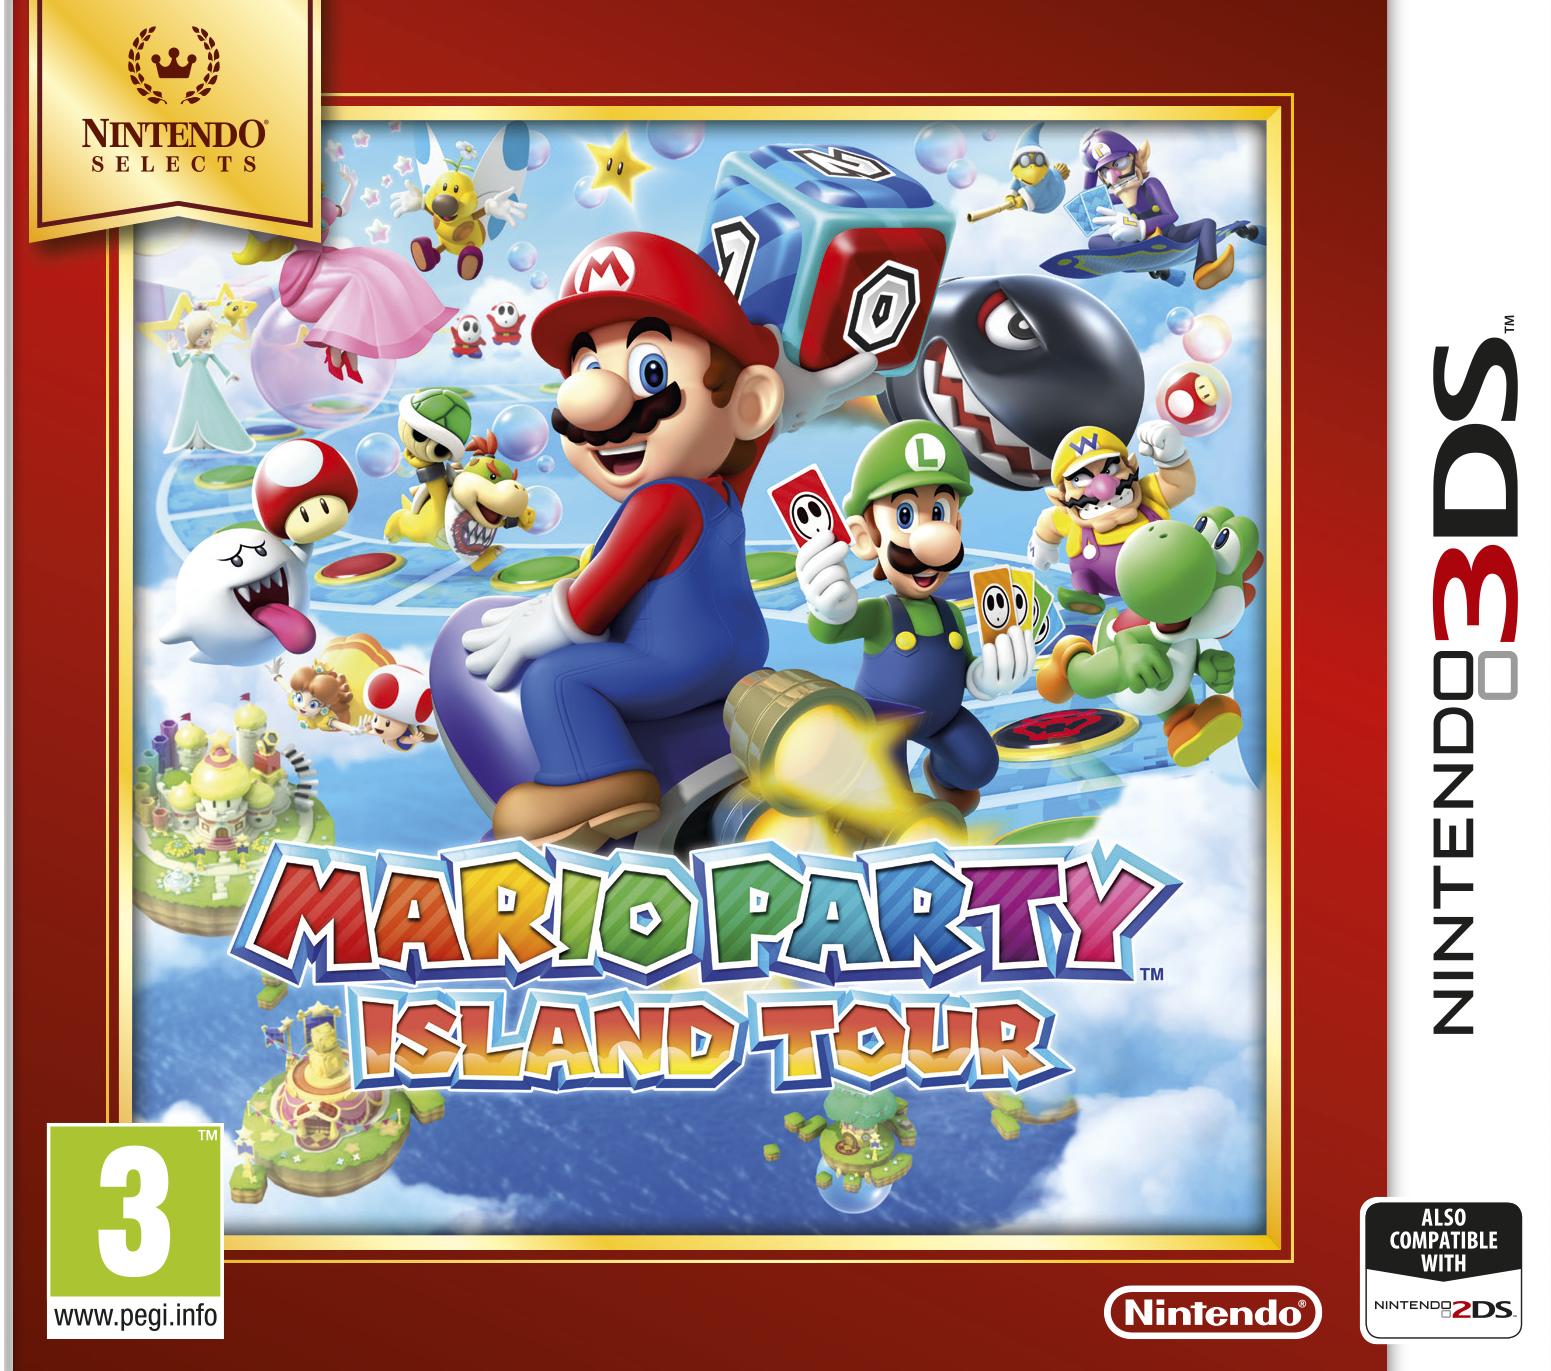 Nintendo Mario Party: Island Tour - Nintendo Selects